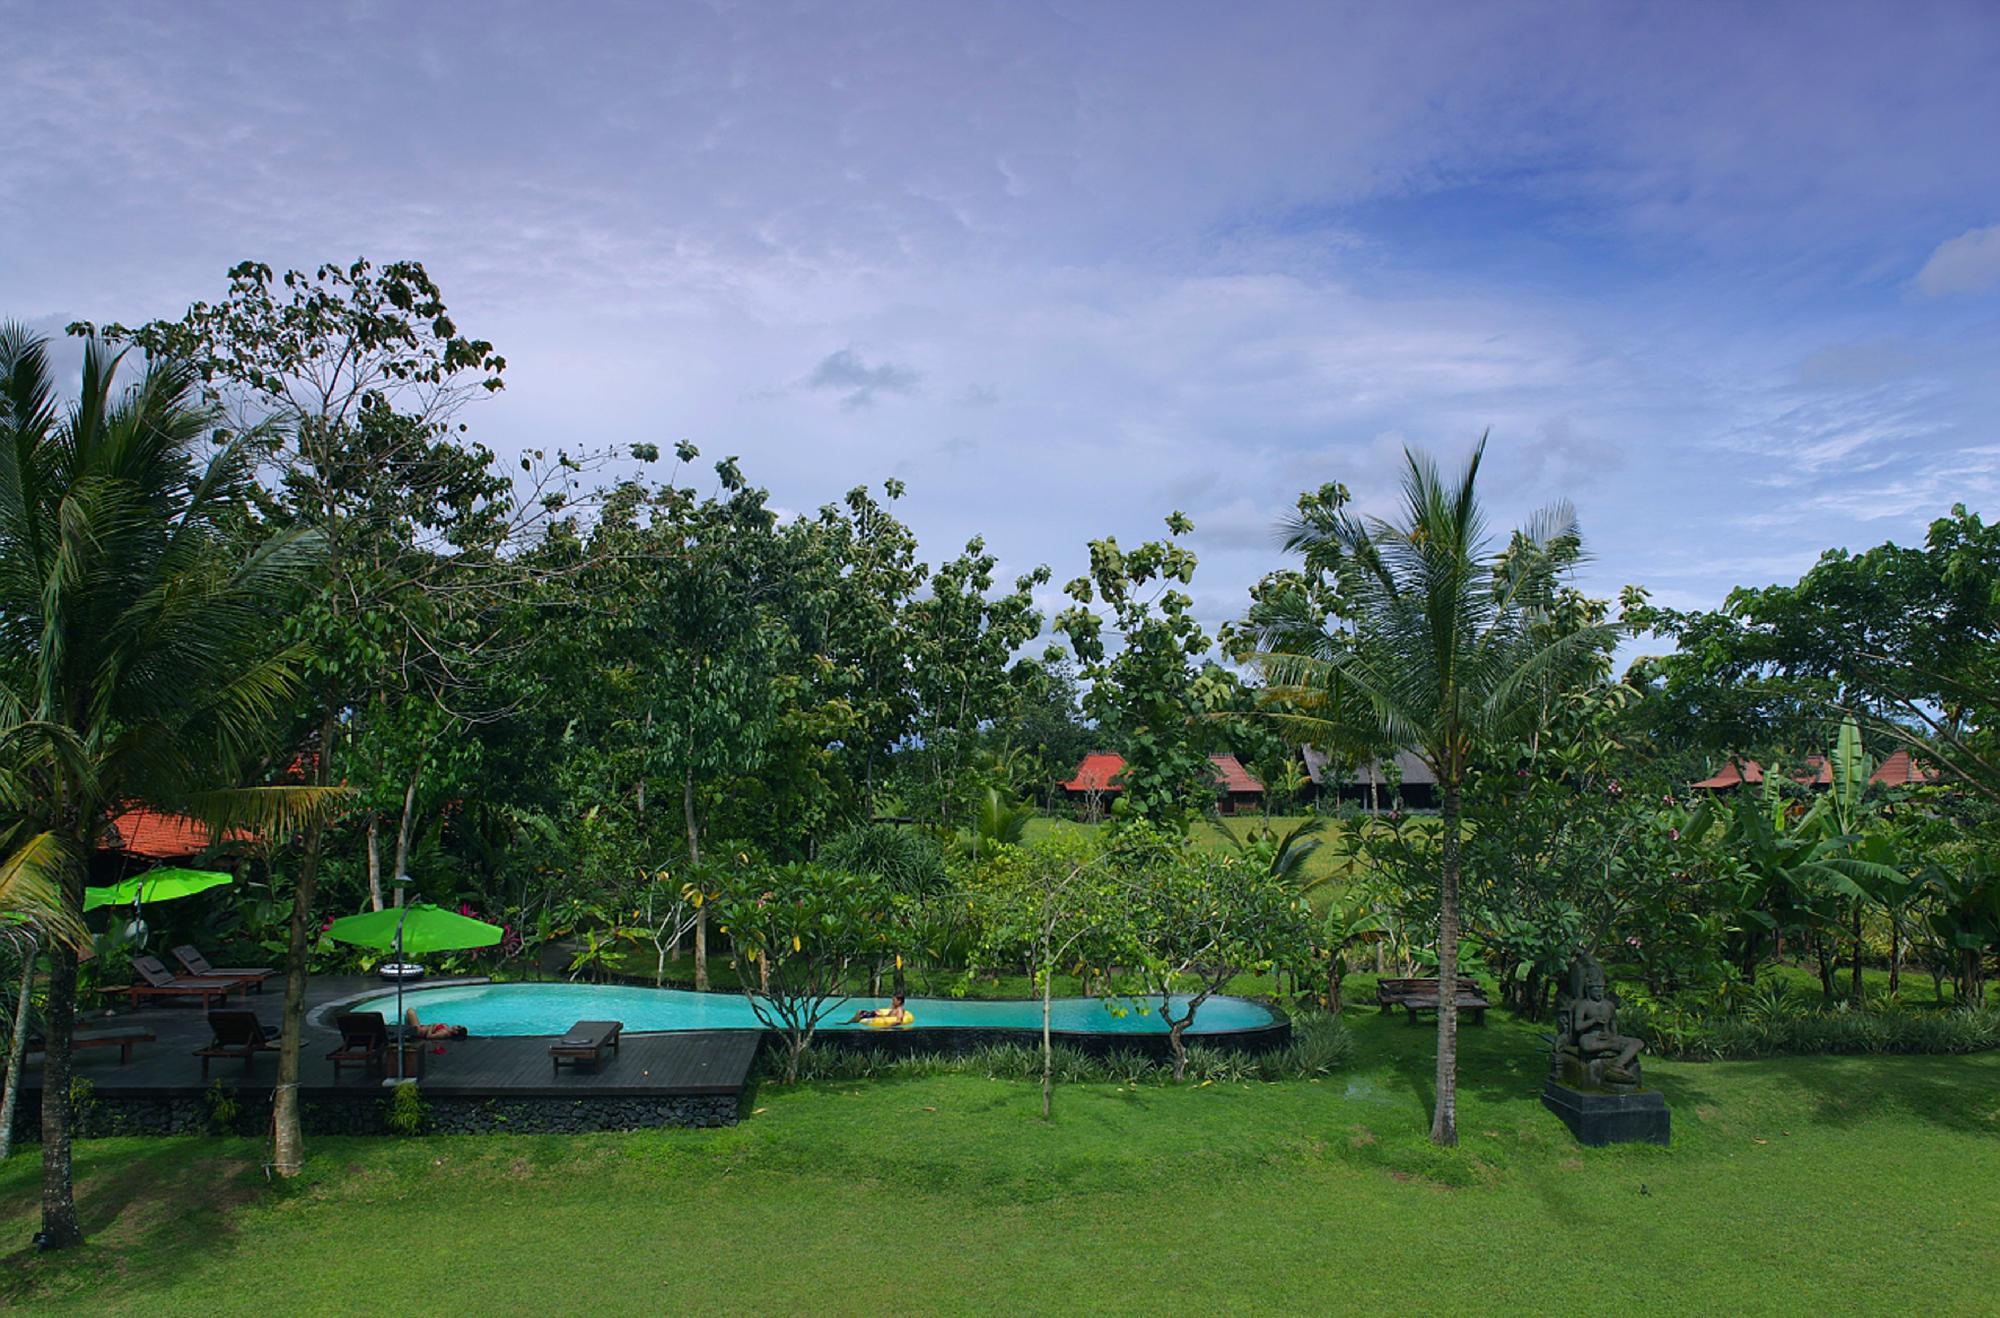 KajaNe Yangloni Private Boutique Health & Leisure Centre